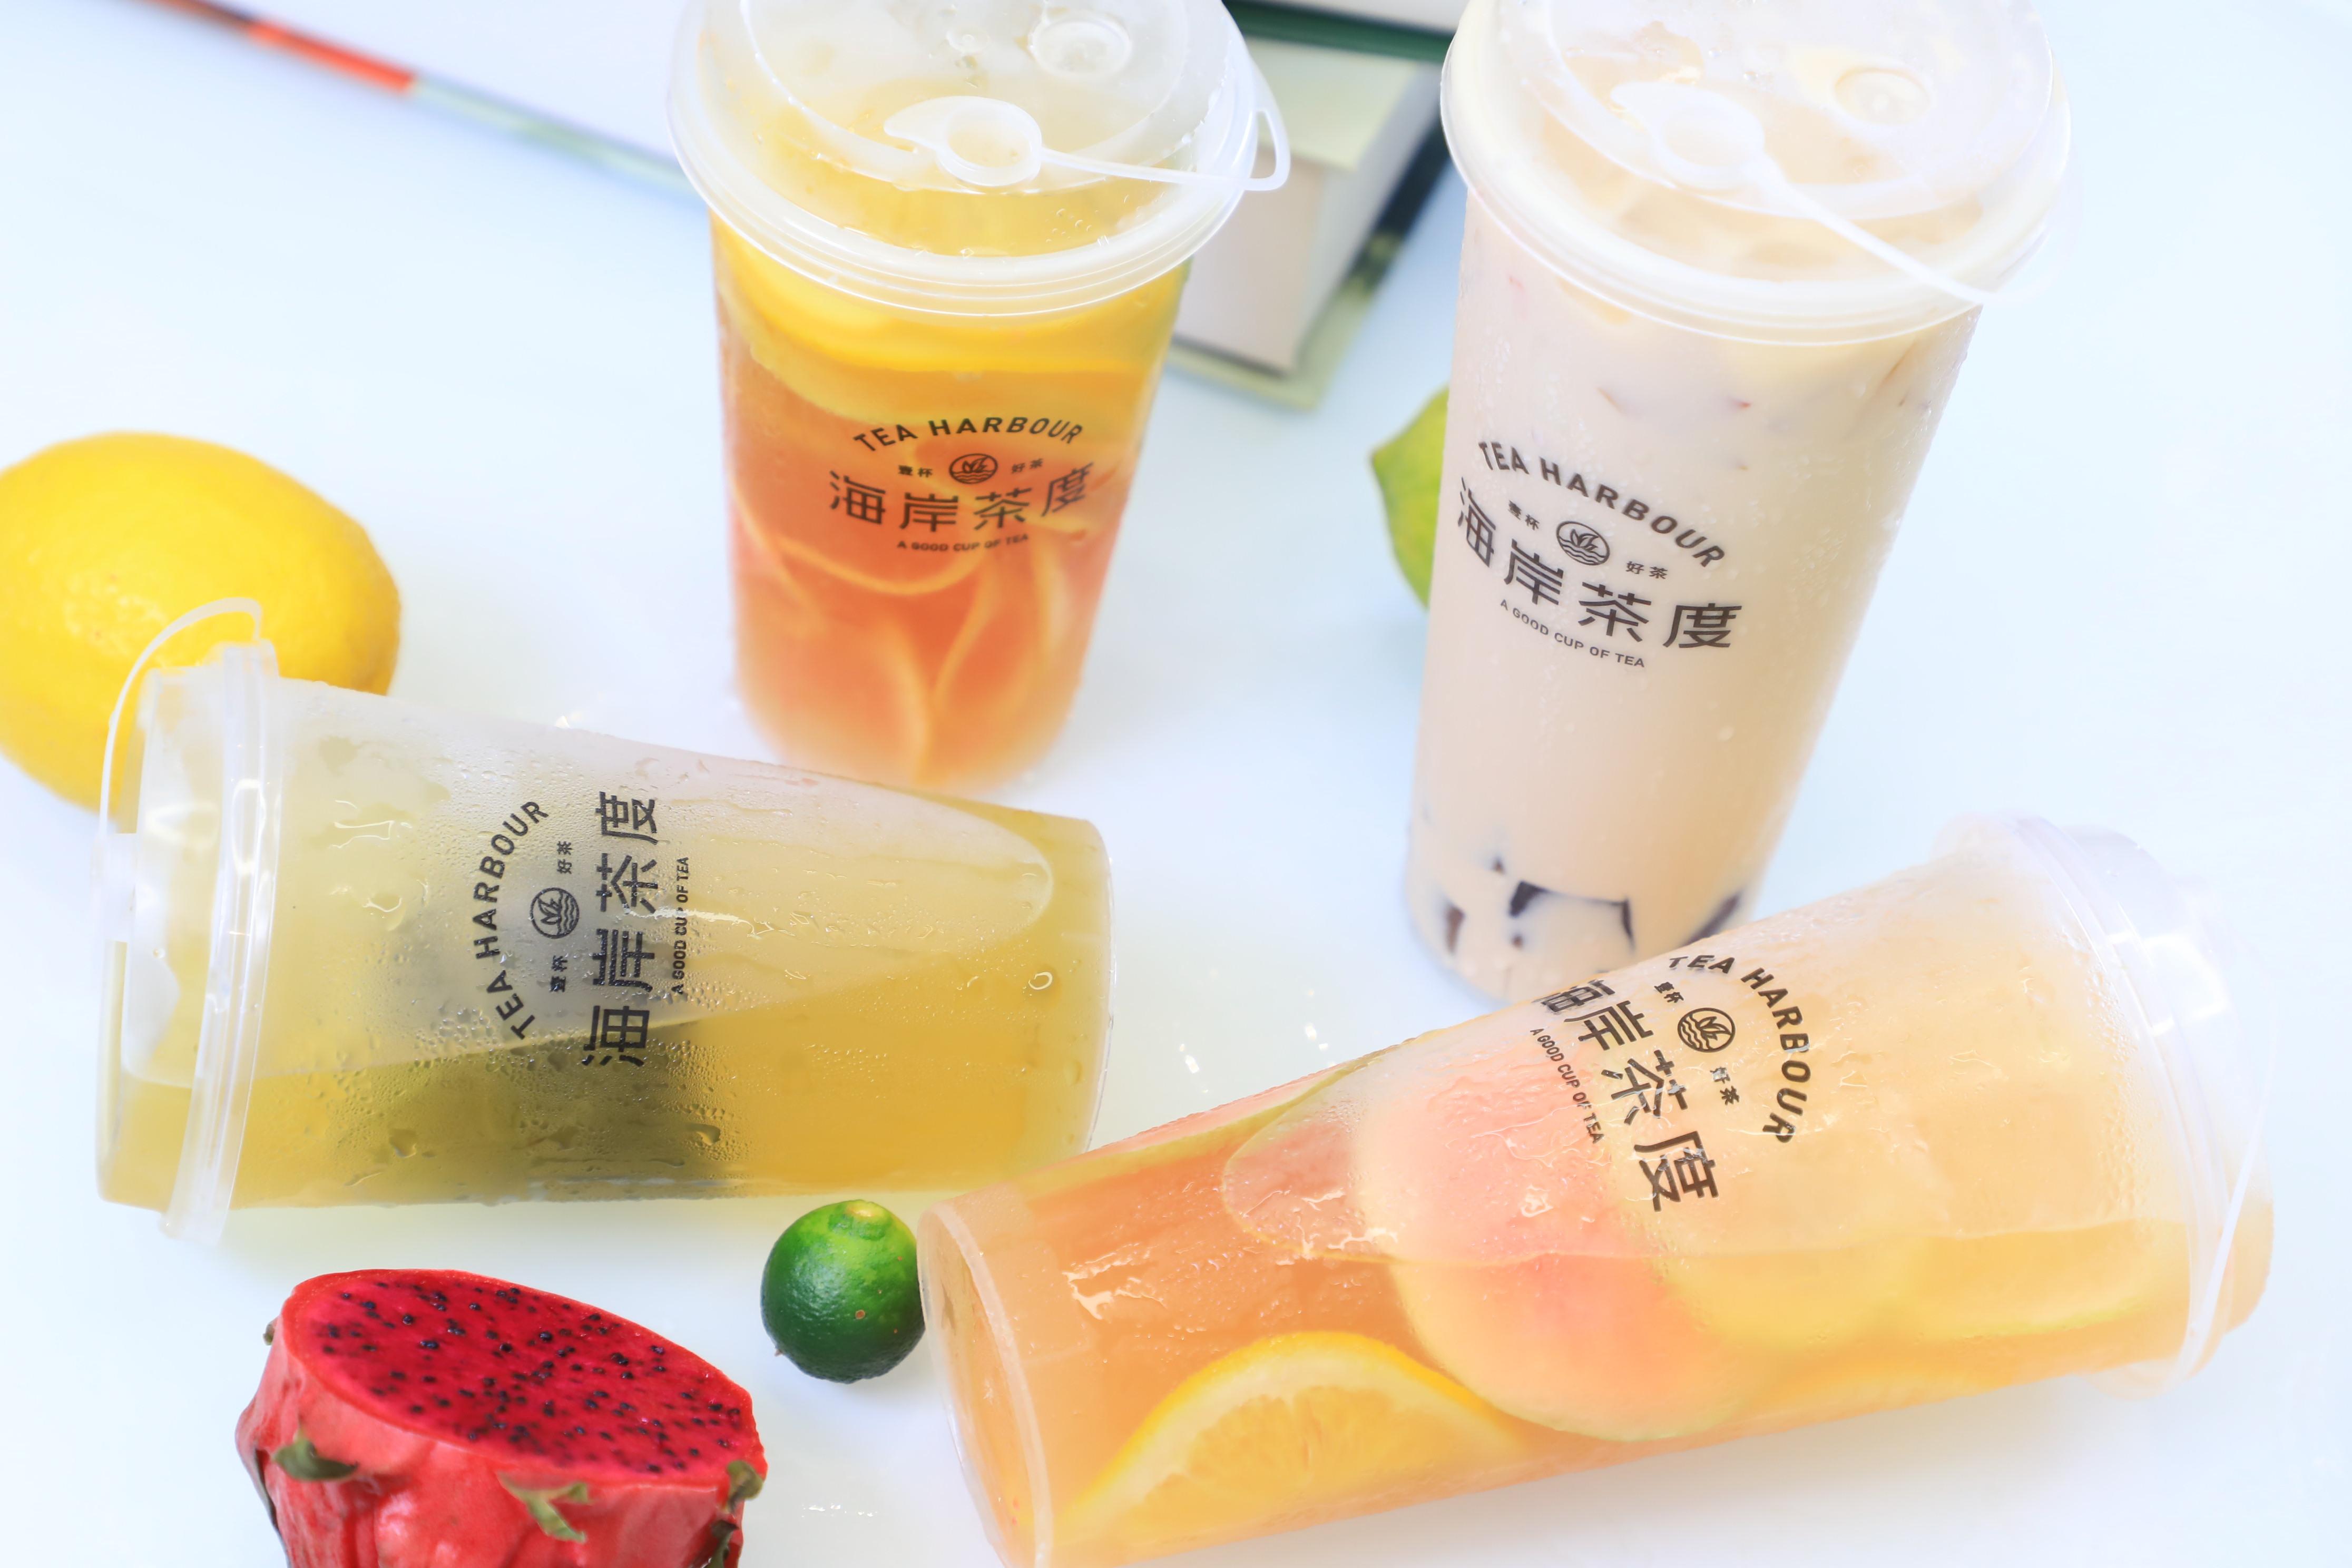 为什么要叫网红奶茶 排名前十的网红奶茶店加盟品牌点评 海岸茶度奶茶店加盟网